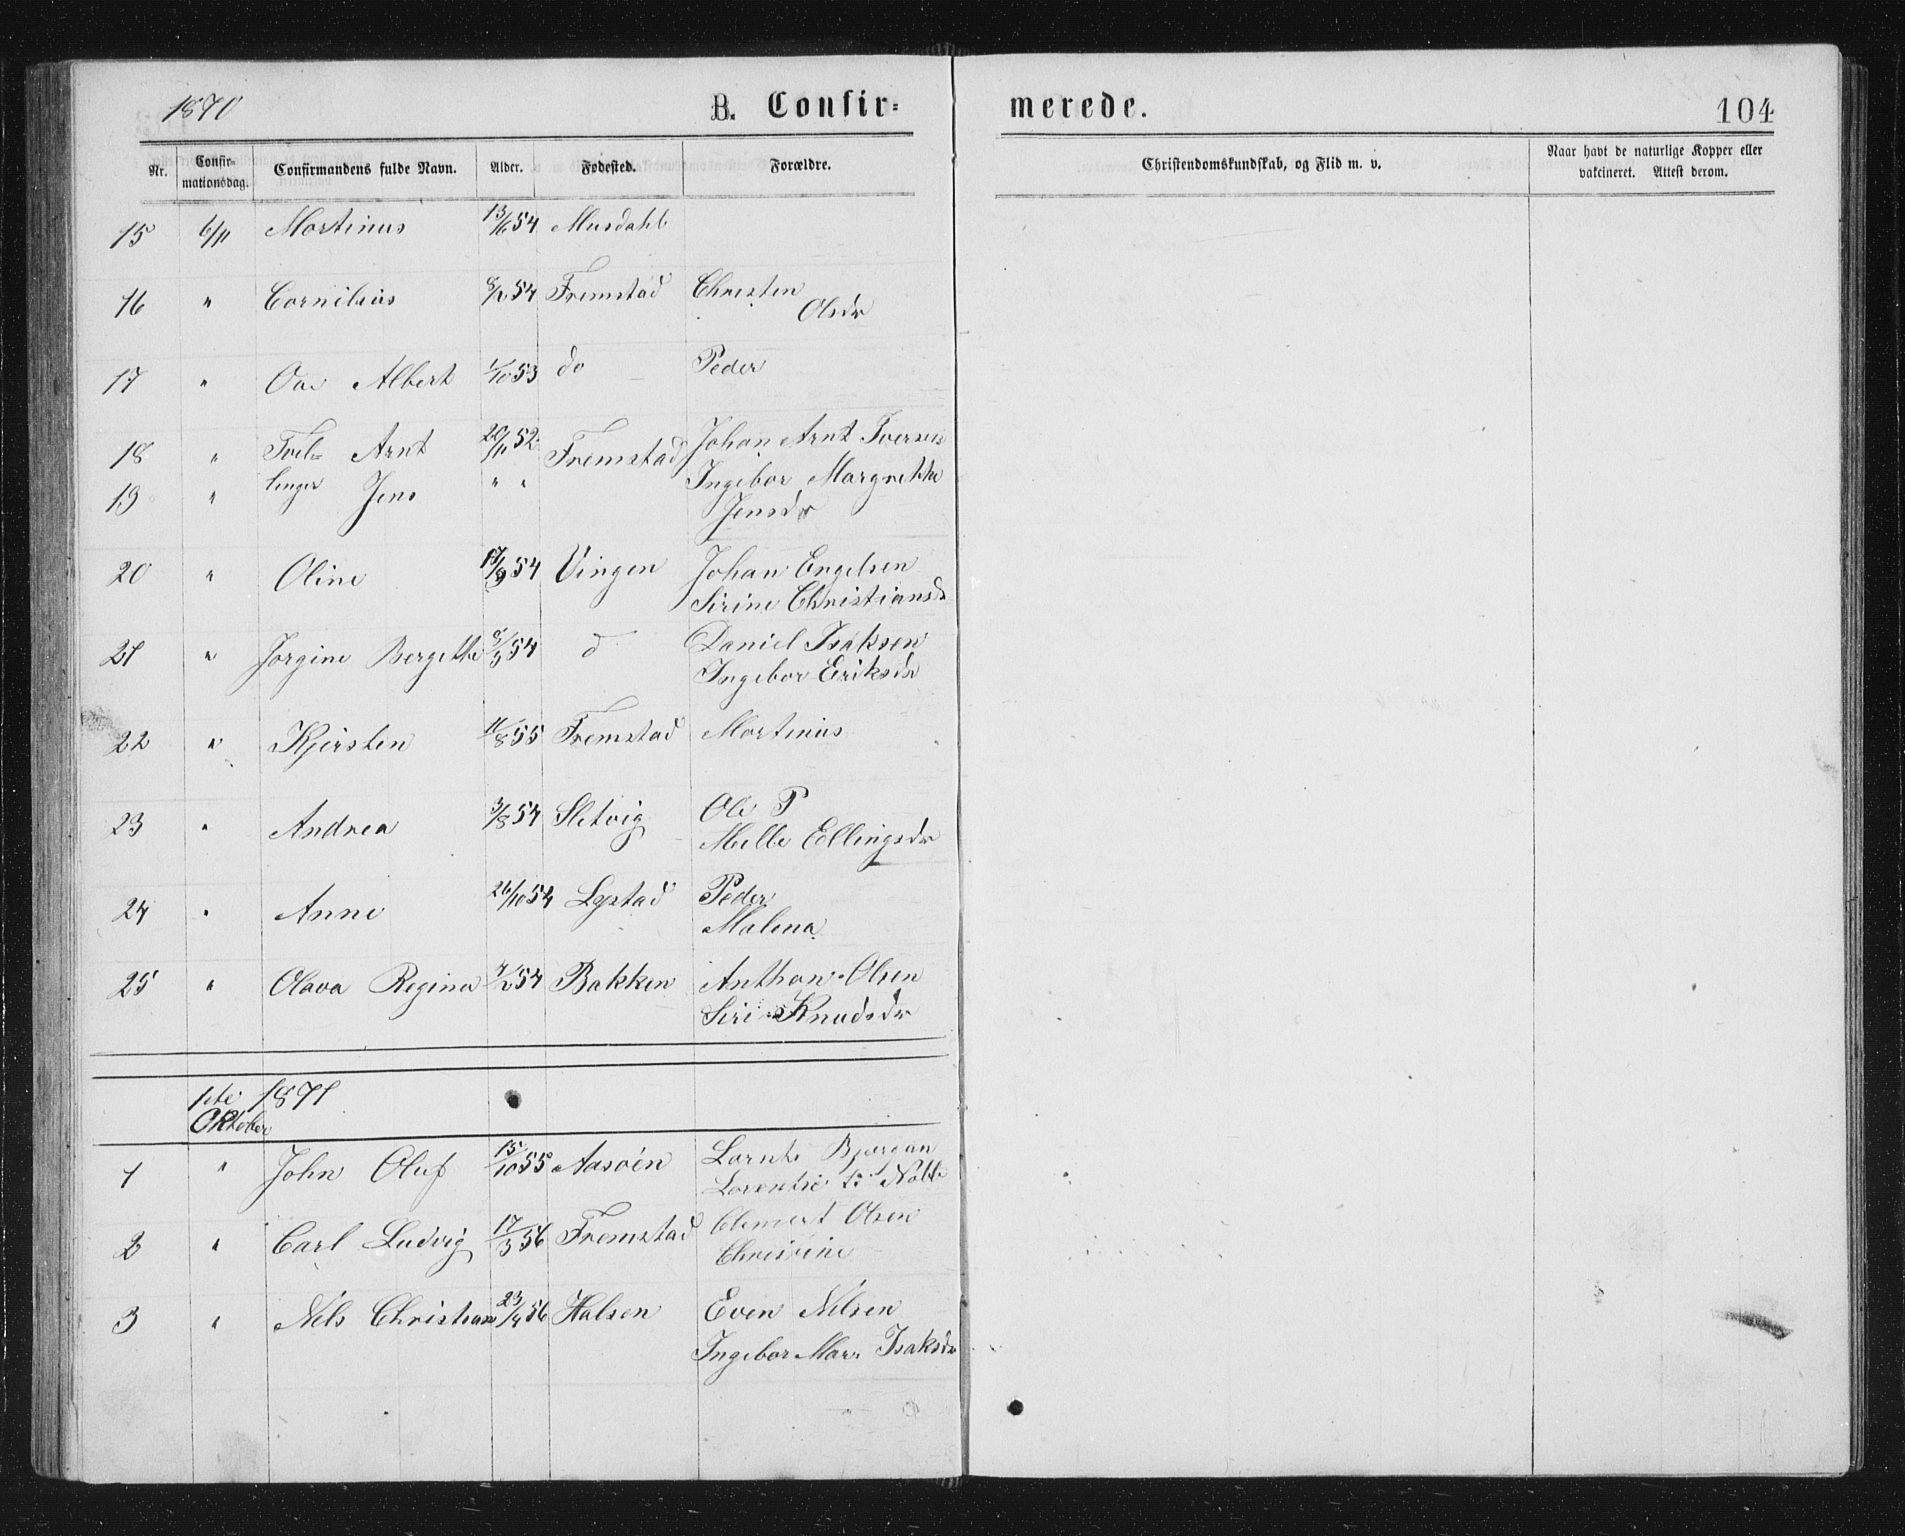 SAT, Ministerialprotokoller, klokkerbøker og fødselsregistre - Sør-Trøndelag, 662/L0756: Klokkerbok nr. 662C01, 1869-1891, s. 104